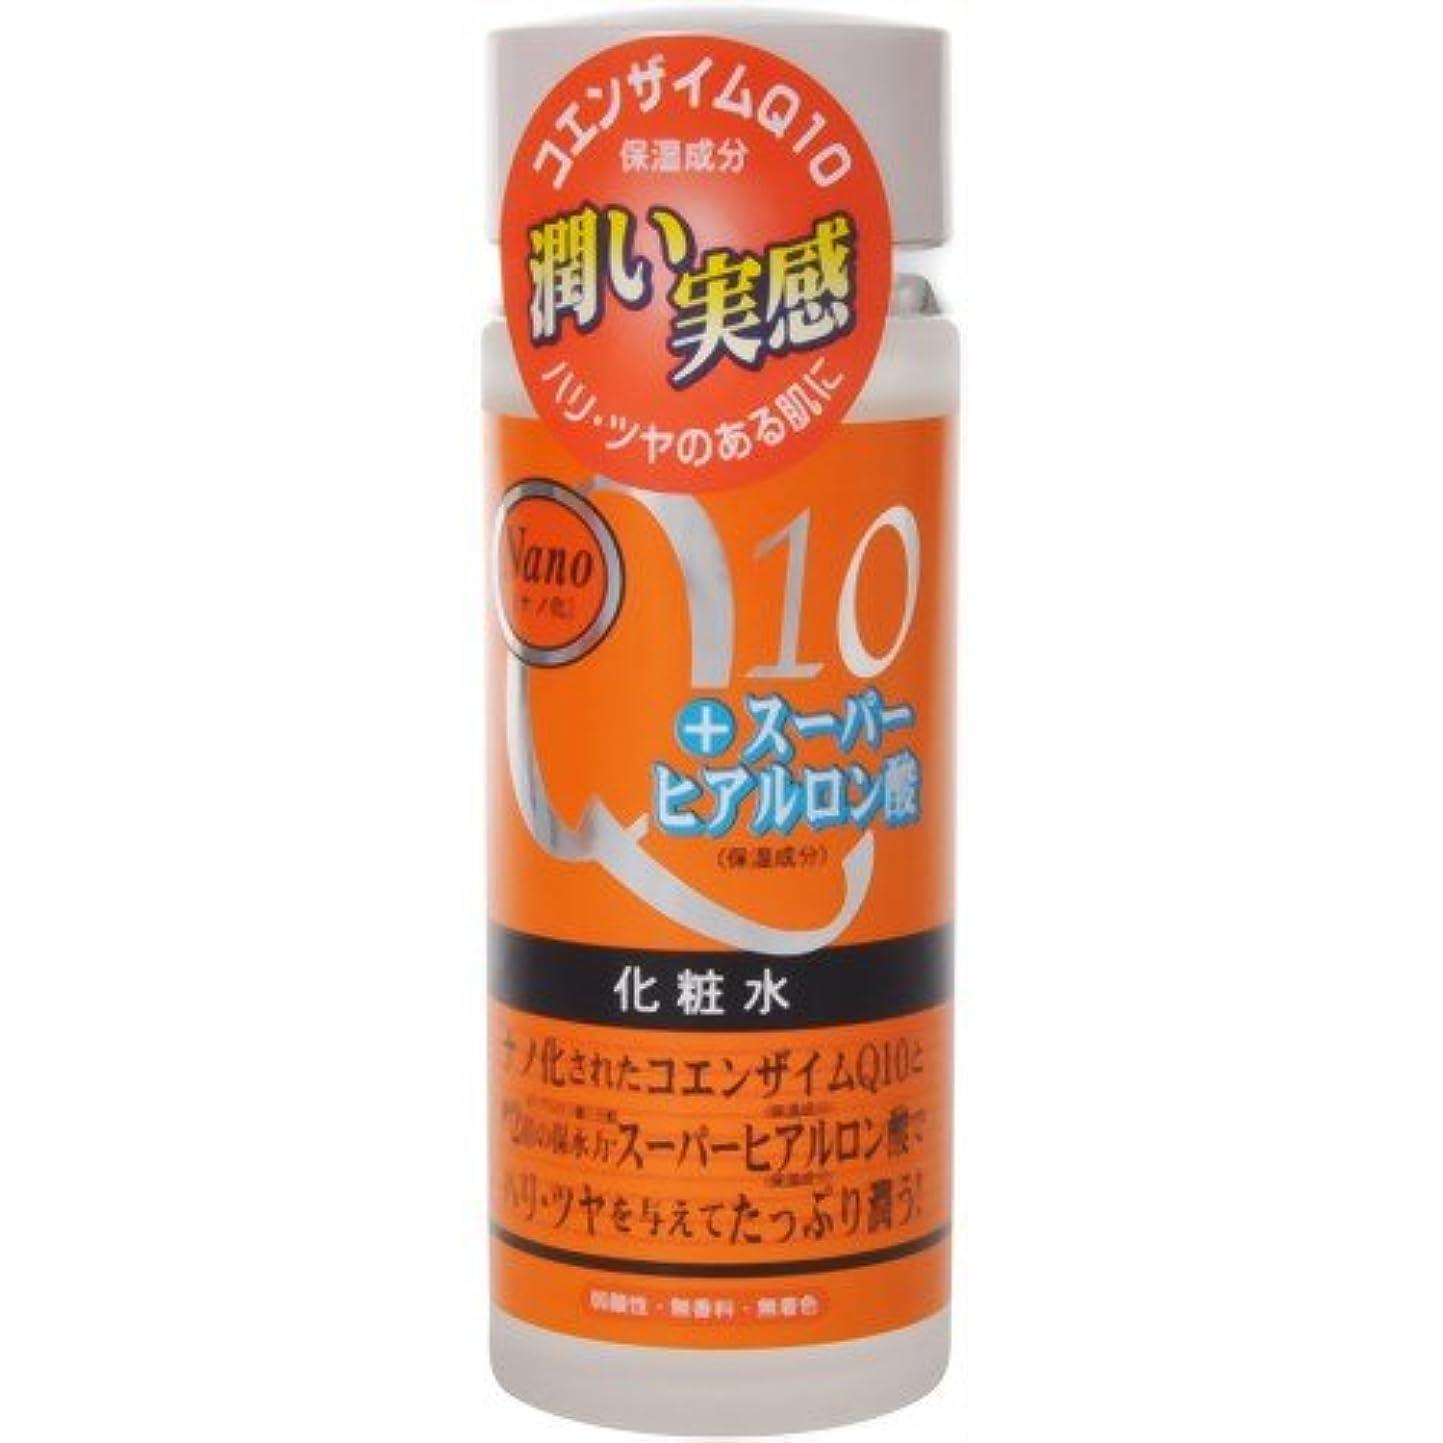 逃げる前述の宣言ナノ化?コエンザイムQ10&スーパーヒアルロン酸化粧水 120ml